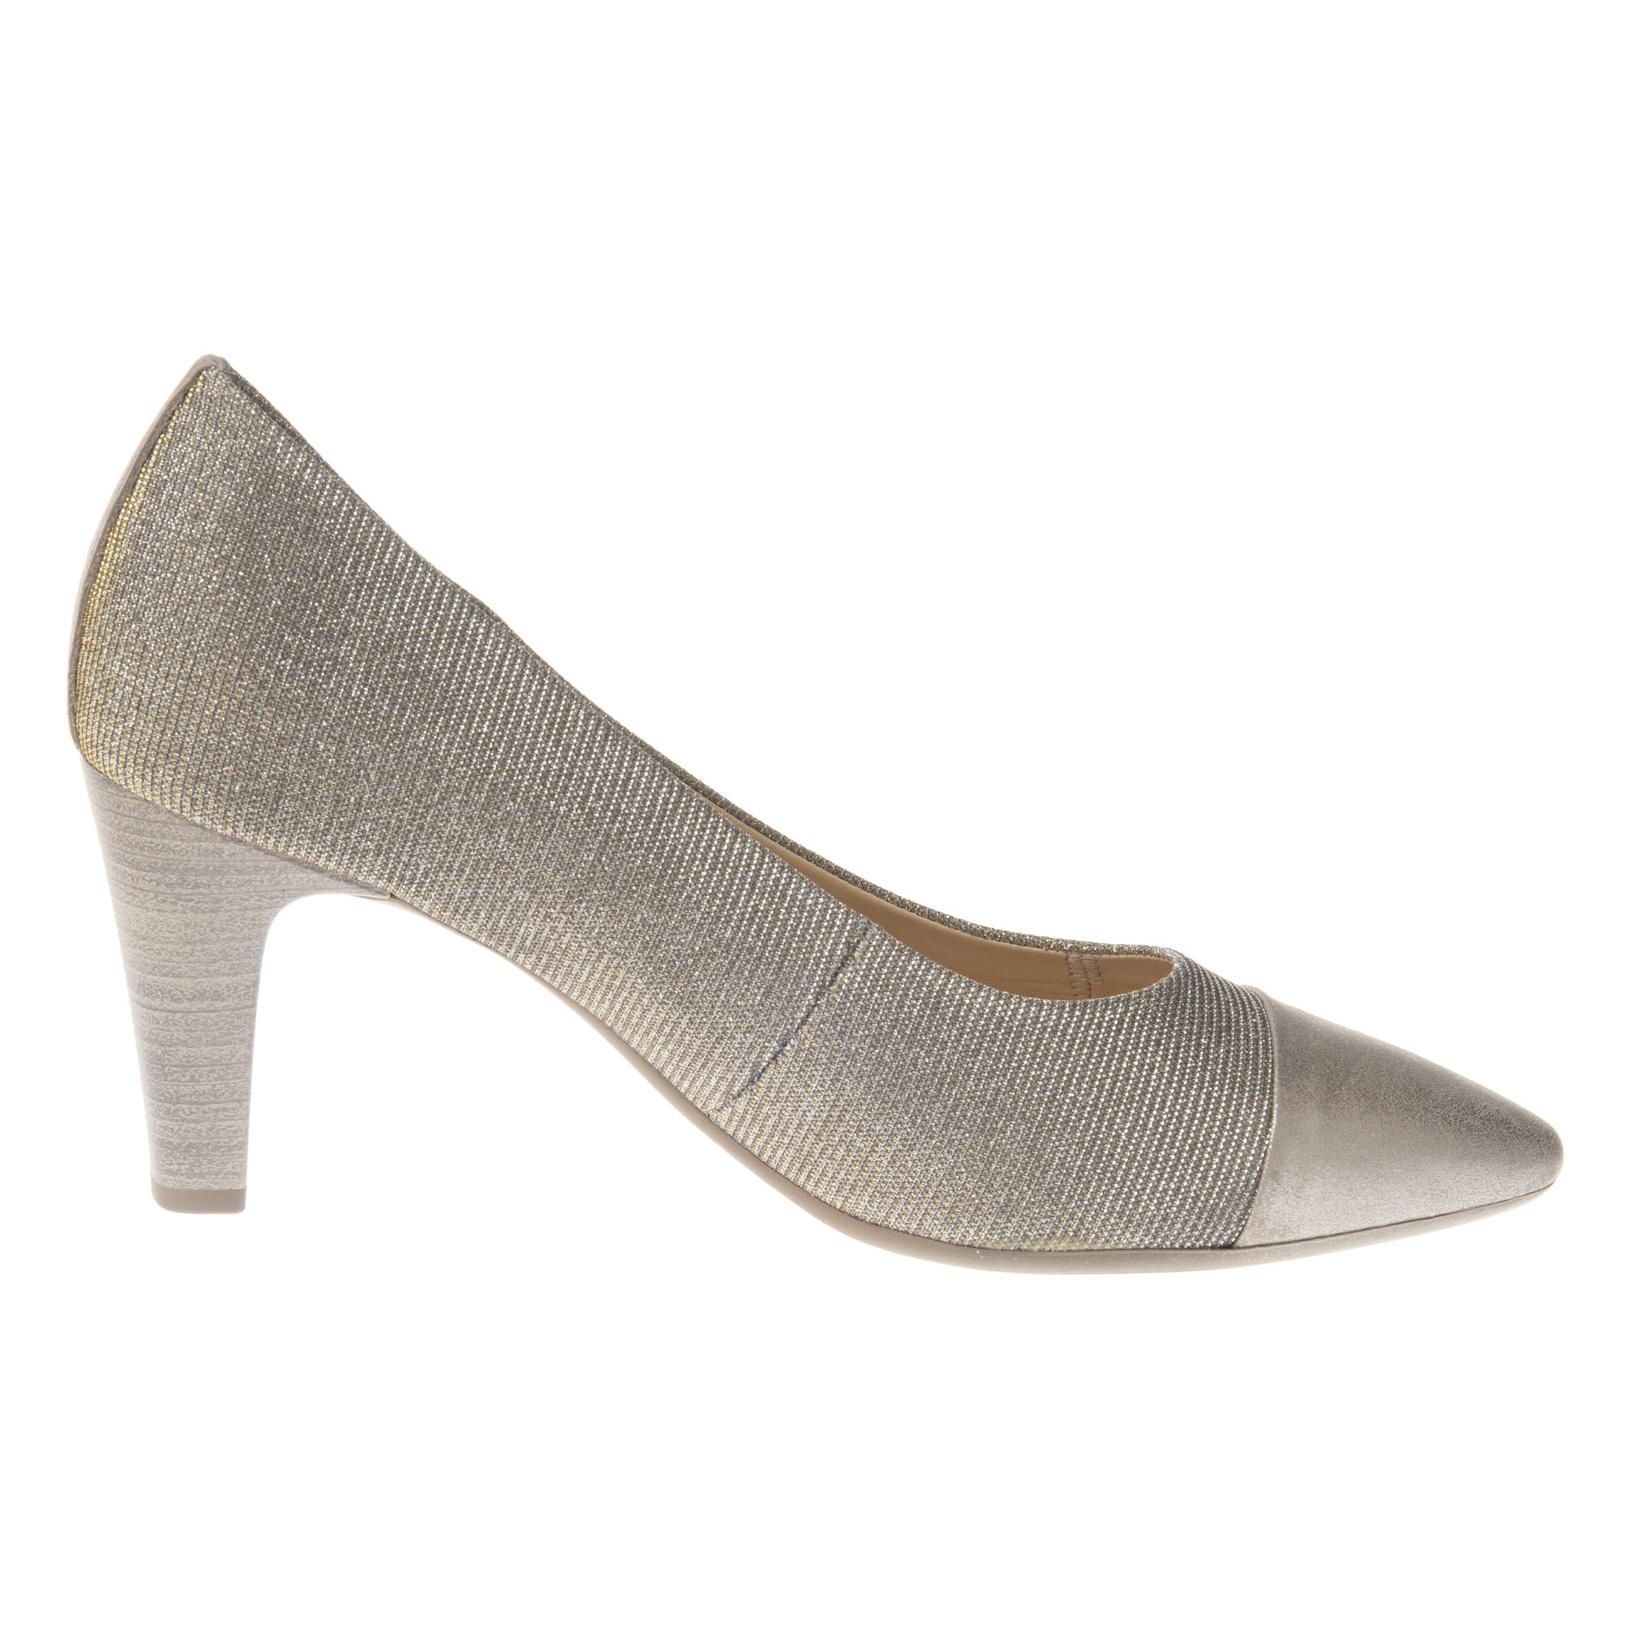 کفش زنانه گابور مدل 65.152.62 main 1 2